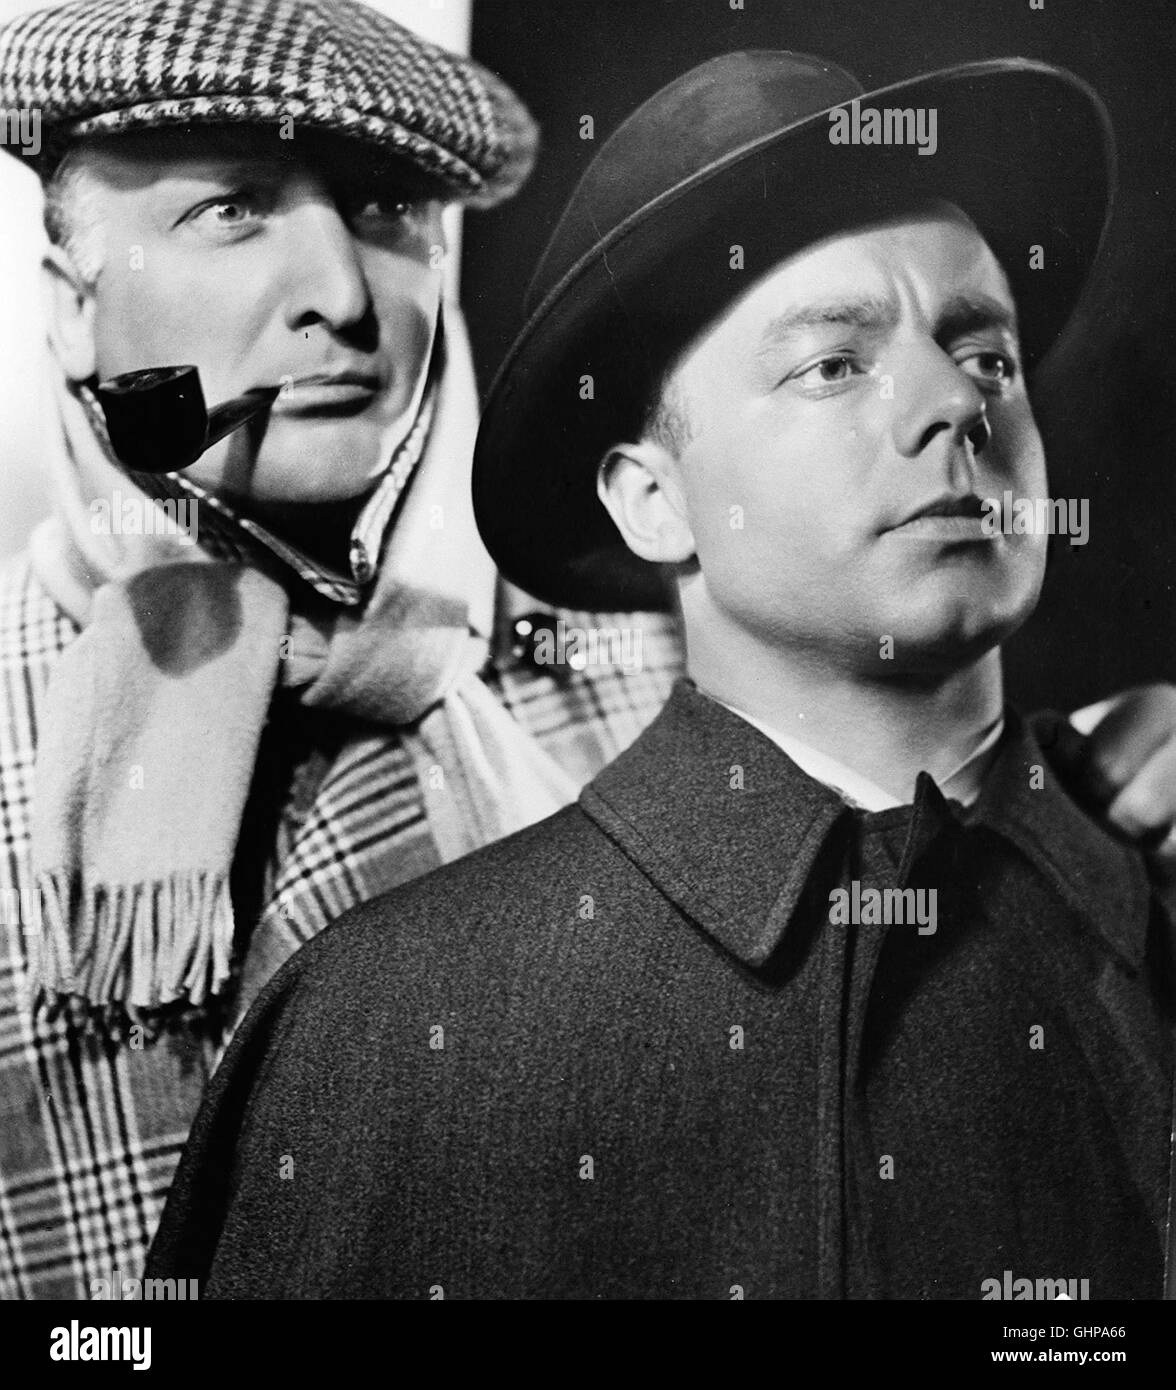 DER MANN, DER SHERLOCK HOLMES WAR D 1937 - Karl Hartl HANS ALBERS und HEINZ RÜHMANN als herrliches Privatdetektiv - Stock Image